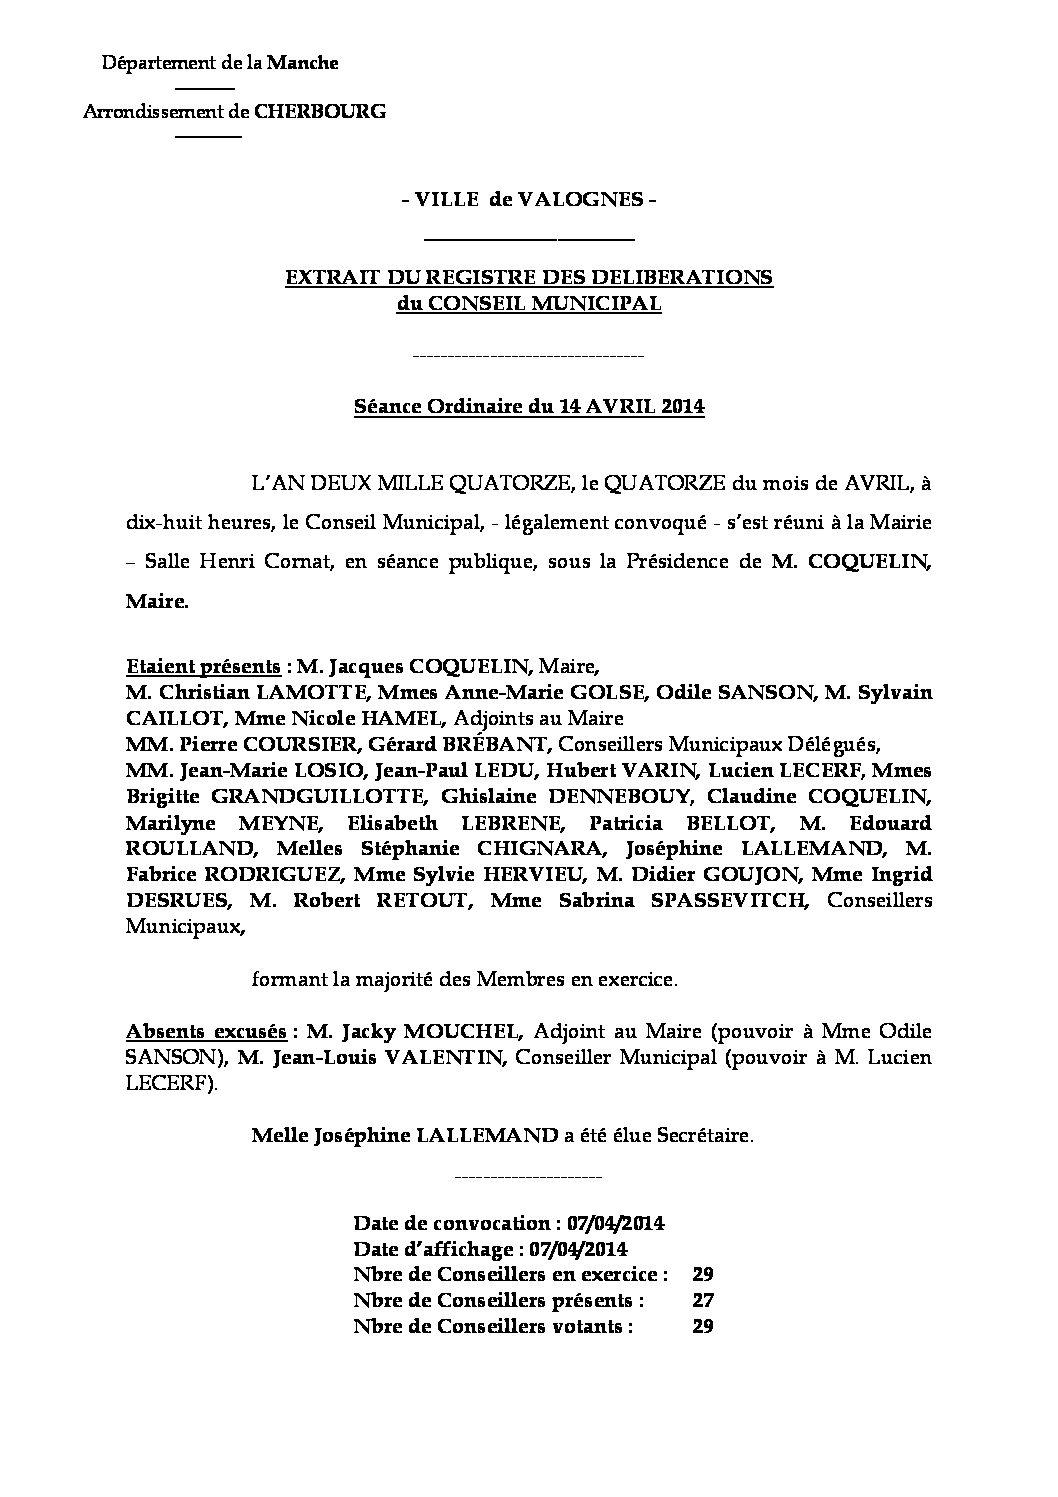 Extrait du registre des délibérations du 14-04-2014 - Compte rendu des questions soumises à délibération lors de la réunion du Conseil Municipal du 14 avril 2014.